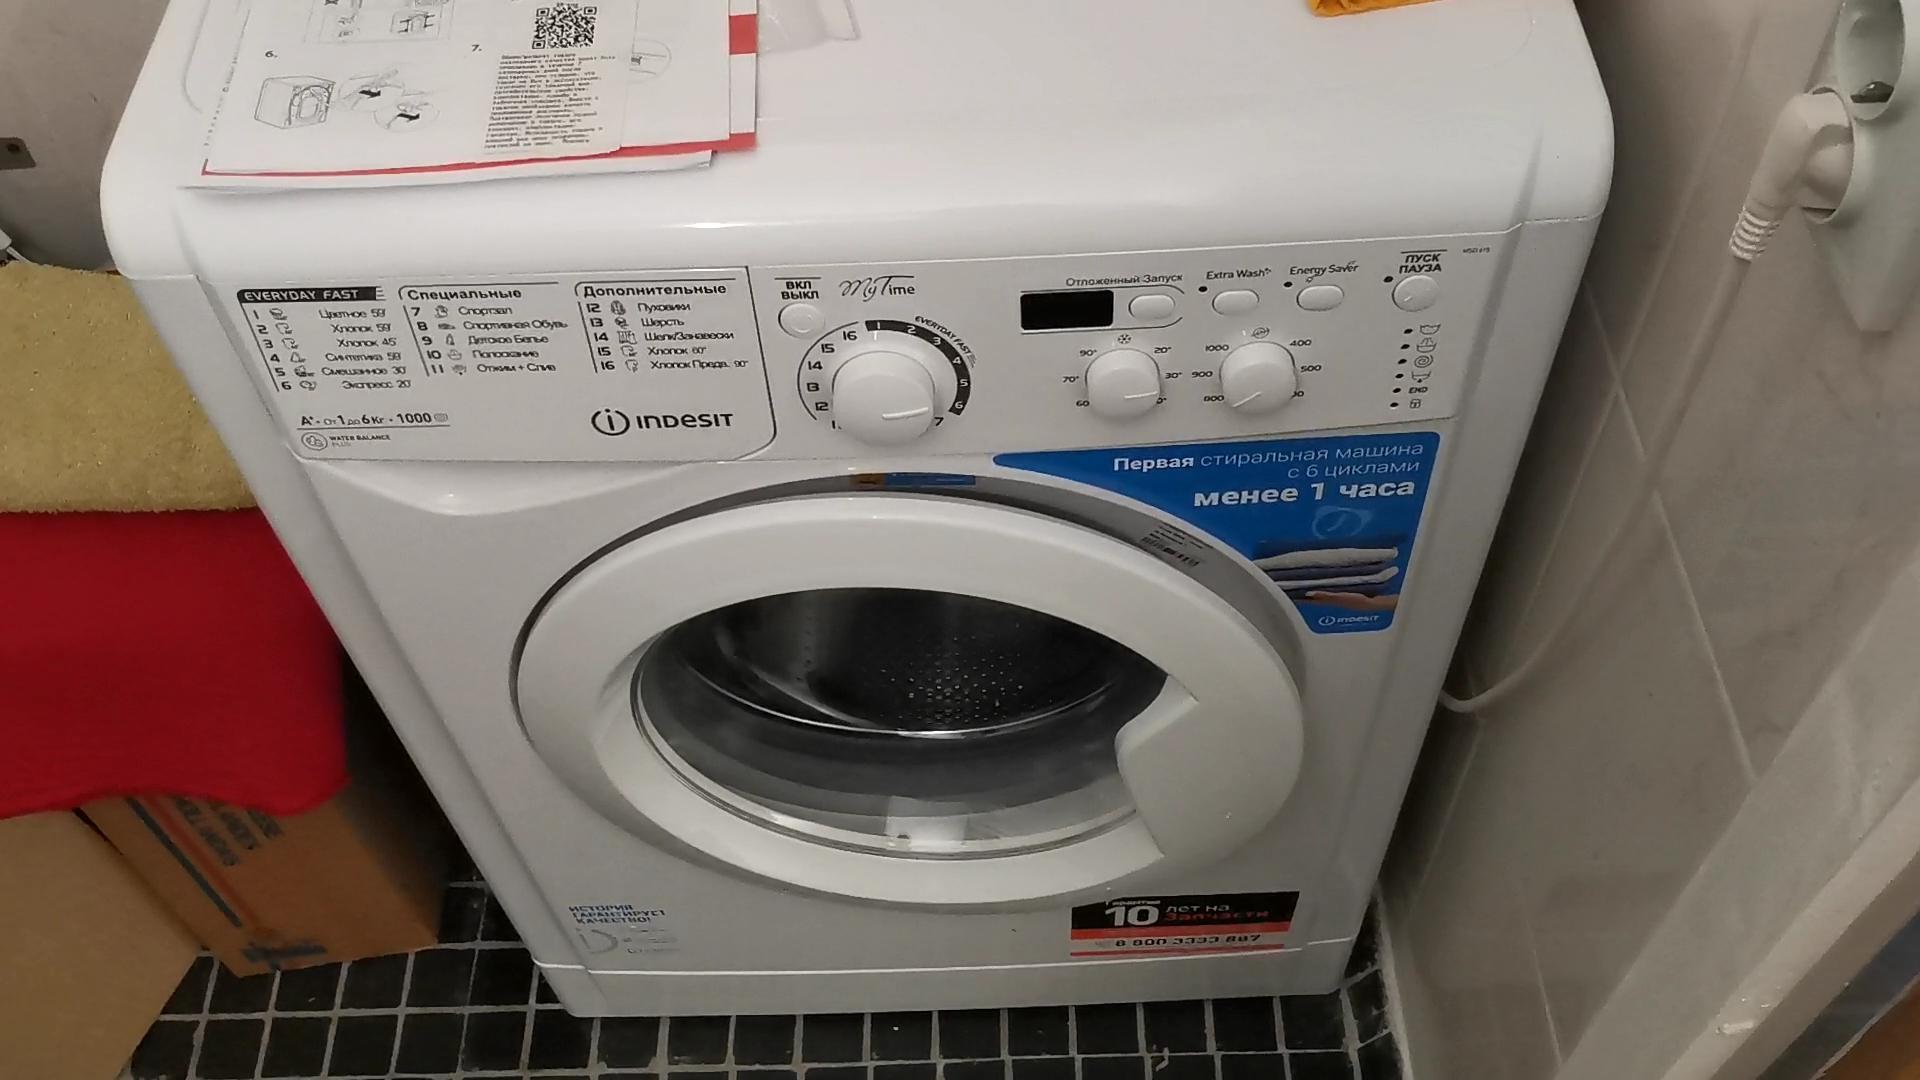 Видеообзор стиральной машины Indesit MSD 615